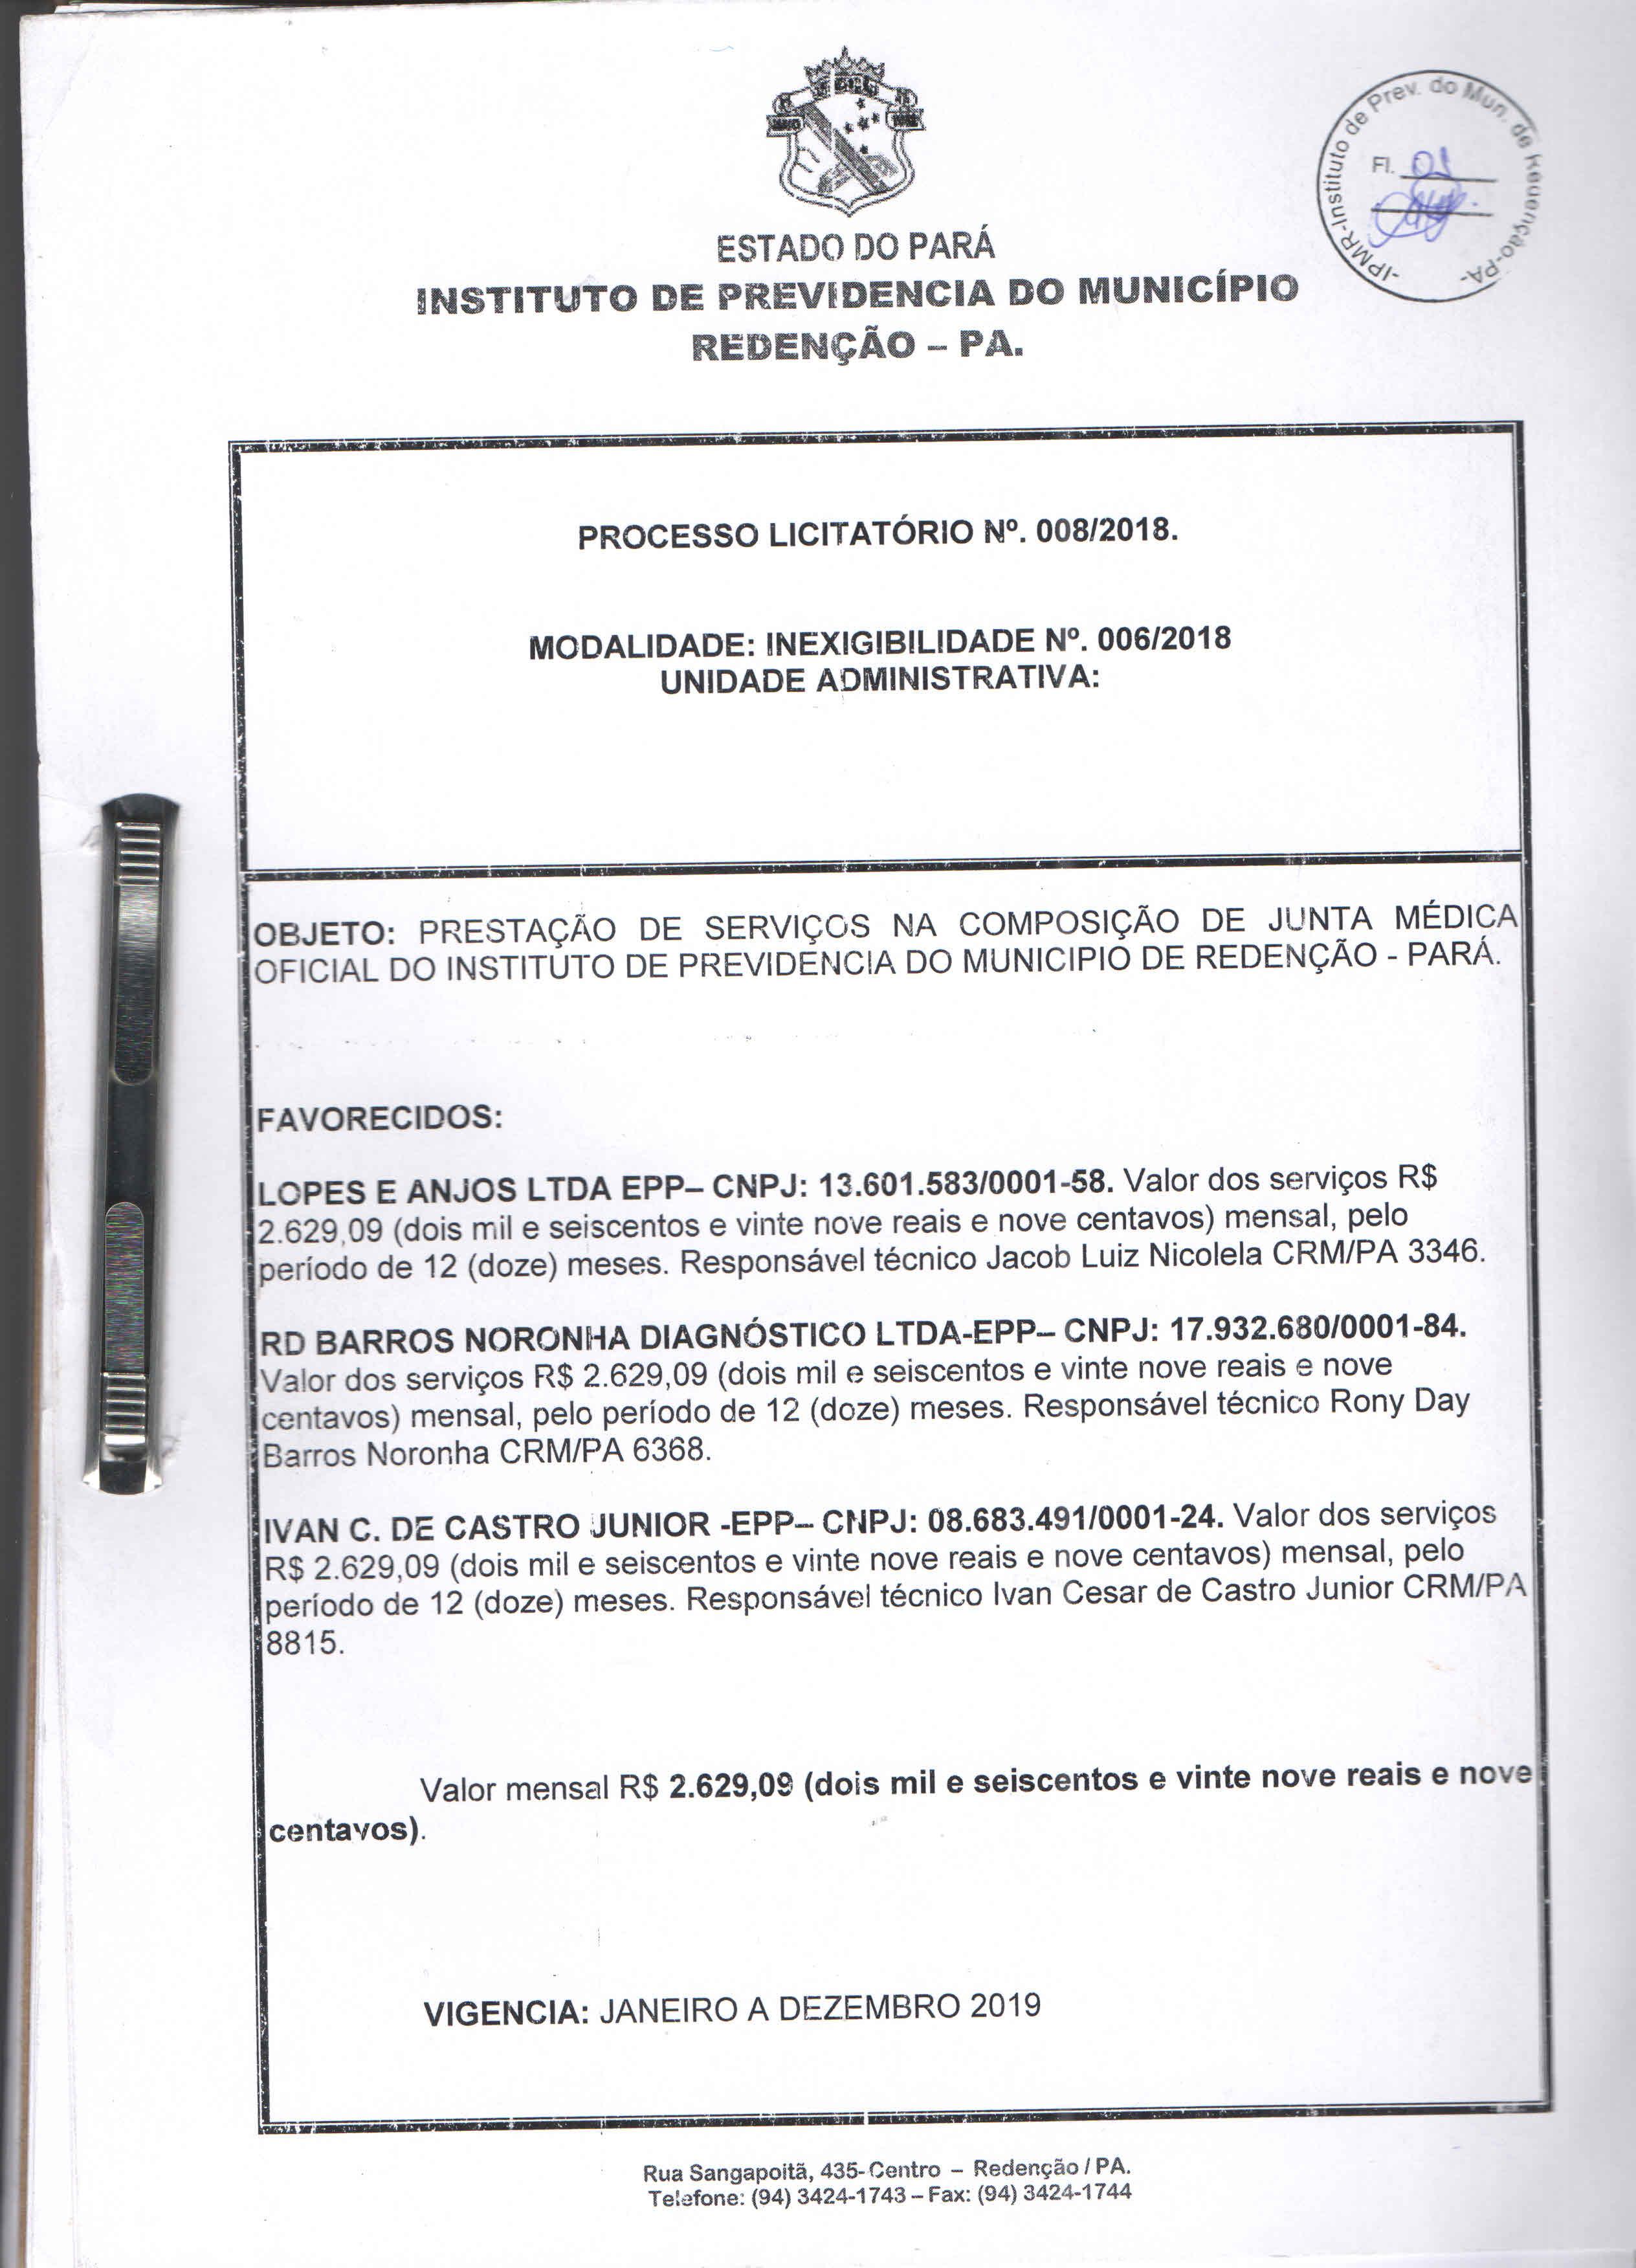 Licitação 008/2018 – PRESTAÇÃO DE SERVIÇOS NA COMPOSIÇÃO DE JUNTA MÉDICA